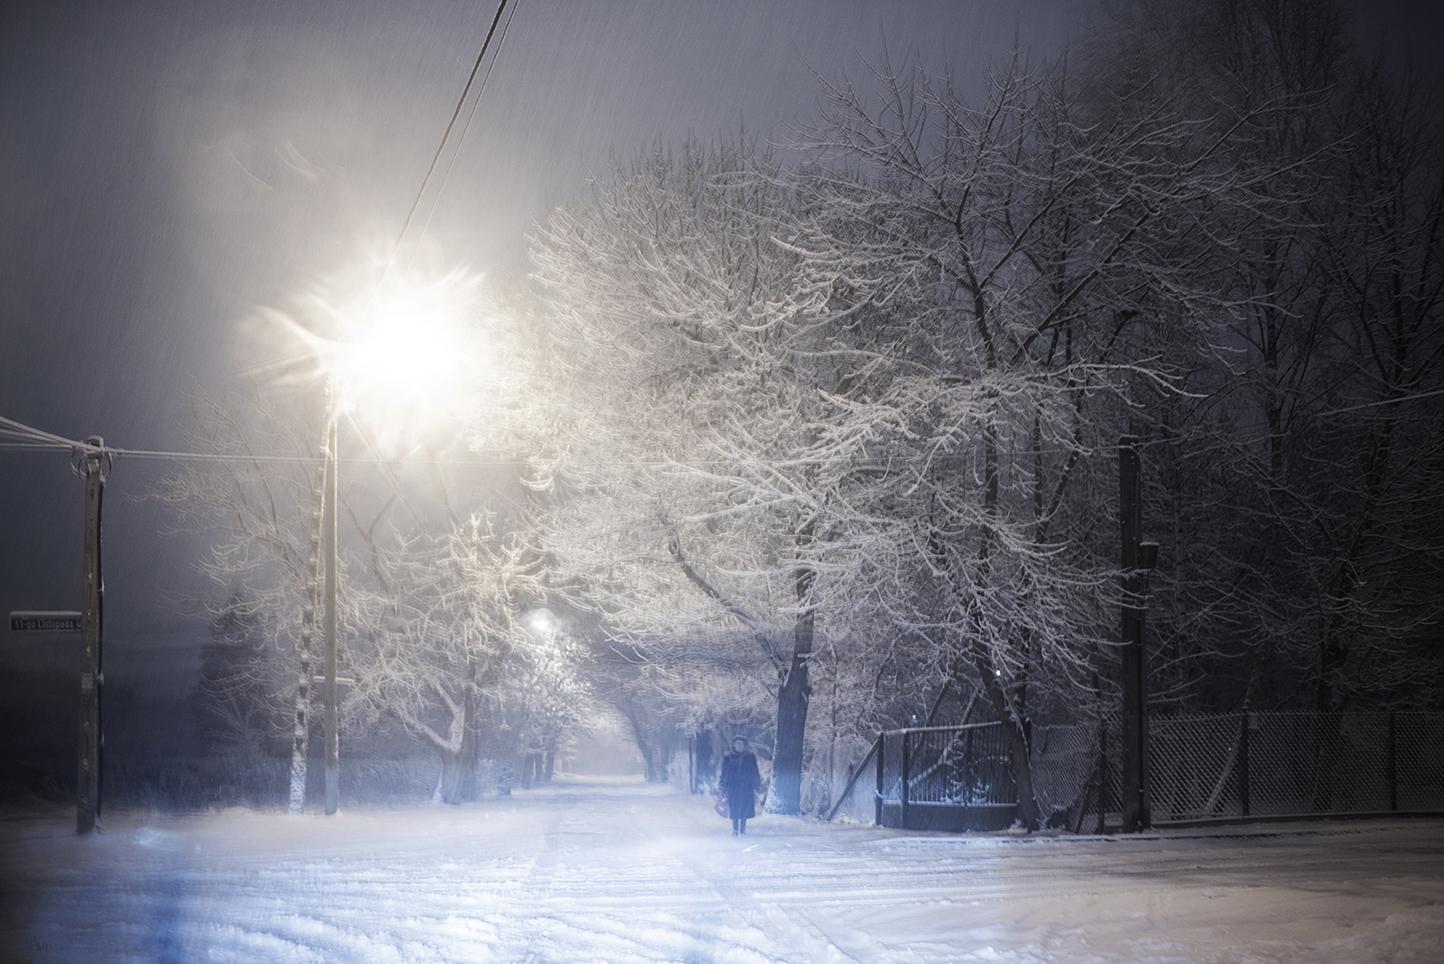 MILUNA-Ewa-Milun-Walczak-Zima-snieg-Piastow-plener-opady-biel-magia-zimy-zimno-chlod-piekno-Pod-pierzyna-6